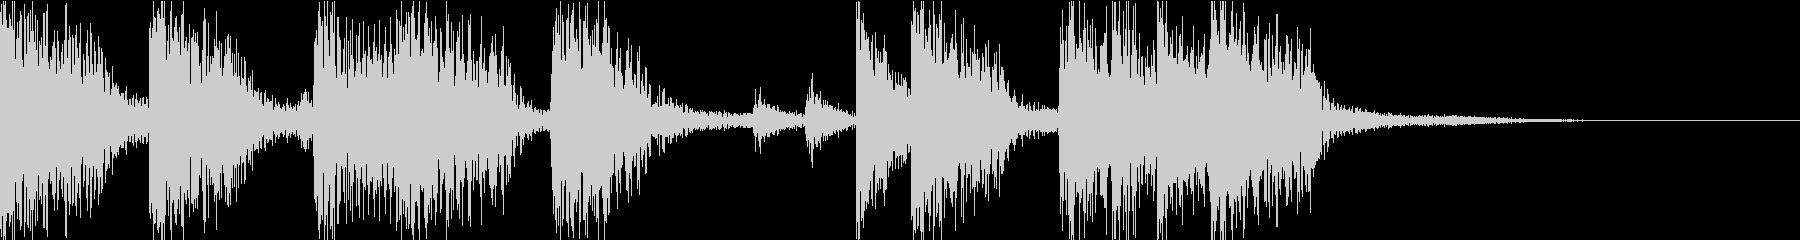 ベースとドラムのコンビネーションジングルの未再生の波形